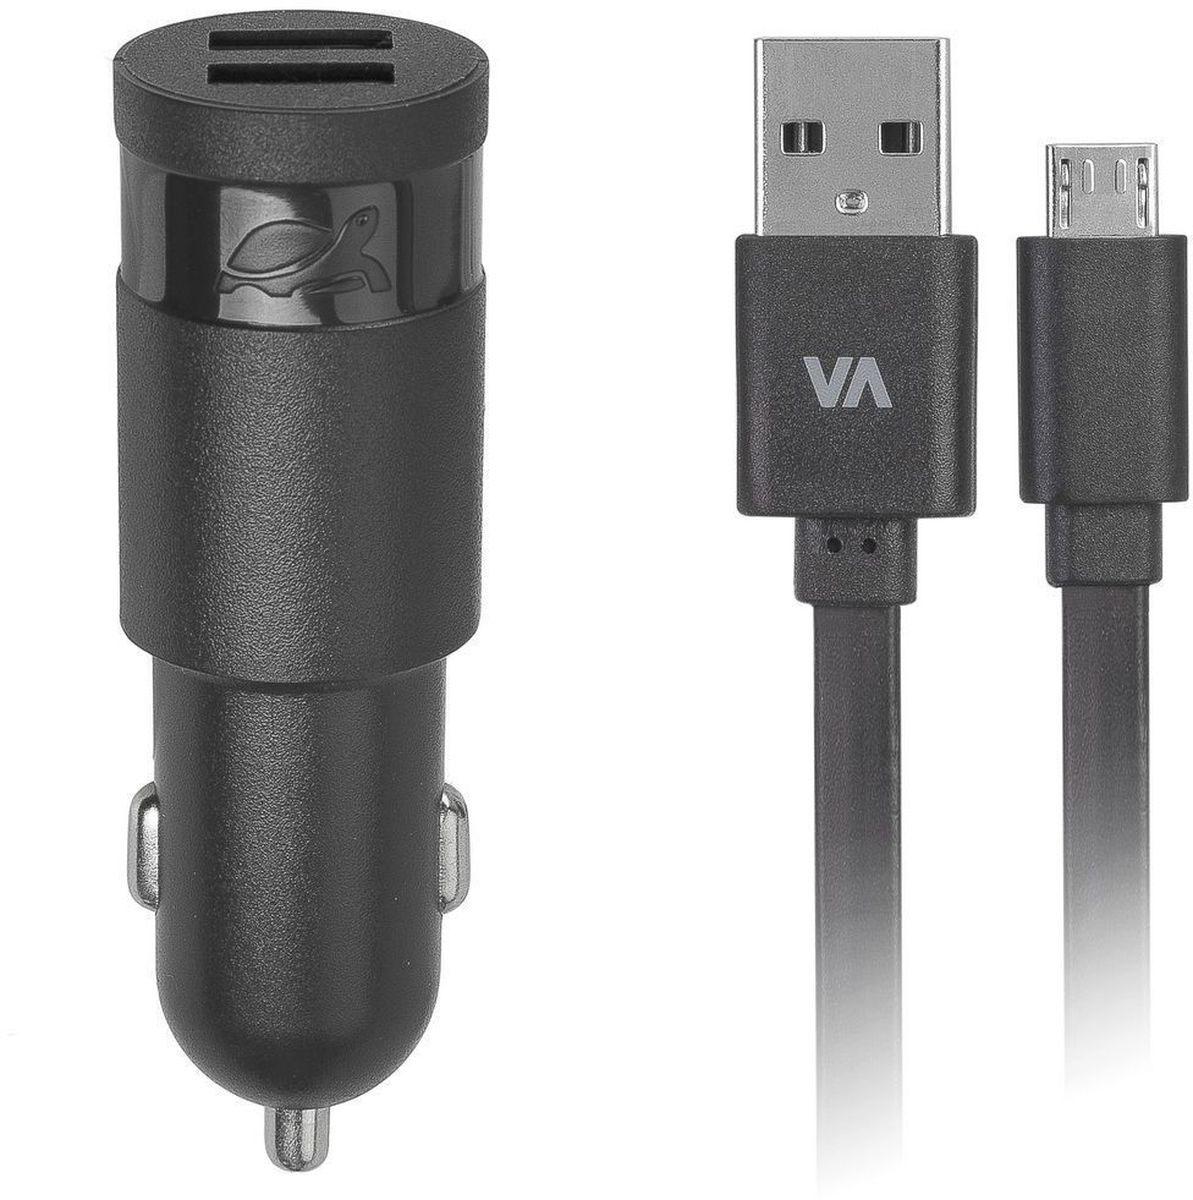 Rivapower VA4223 BD1, Black автомобильное зарядное устройствоVA4223 BD1Универсальное автомобильное зарядное устройство Rivapower VA4223 совместимо со всеми устройствами, использующими USB порт для зарядки своих аккумуляторов. Позволяет заряжать 2 устройства одновременно, занимая всего один автомобильный разъем электропитания. Высококачественные компоненты, встроенные фильтры, защита от скачков напряжения, защита от перегрузки, перегрева и короткого замыкания делают процесс зарядки быстрым, эффективным и безопасным. Корпус сделан из негорючего пластика, устойчивого к механическим повреждениям.Ультра компактные размеры зарядного устройства позволяют использовать его даже в автомобилях с ограниченным пространством вокруг автомобильного разъема электропитания. В комплект входит дата-кабель microUSB длиной 1 метр.